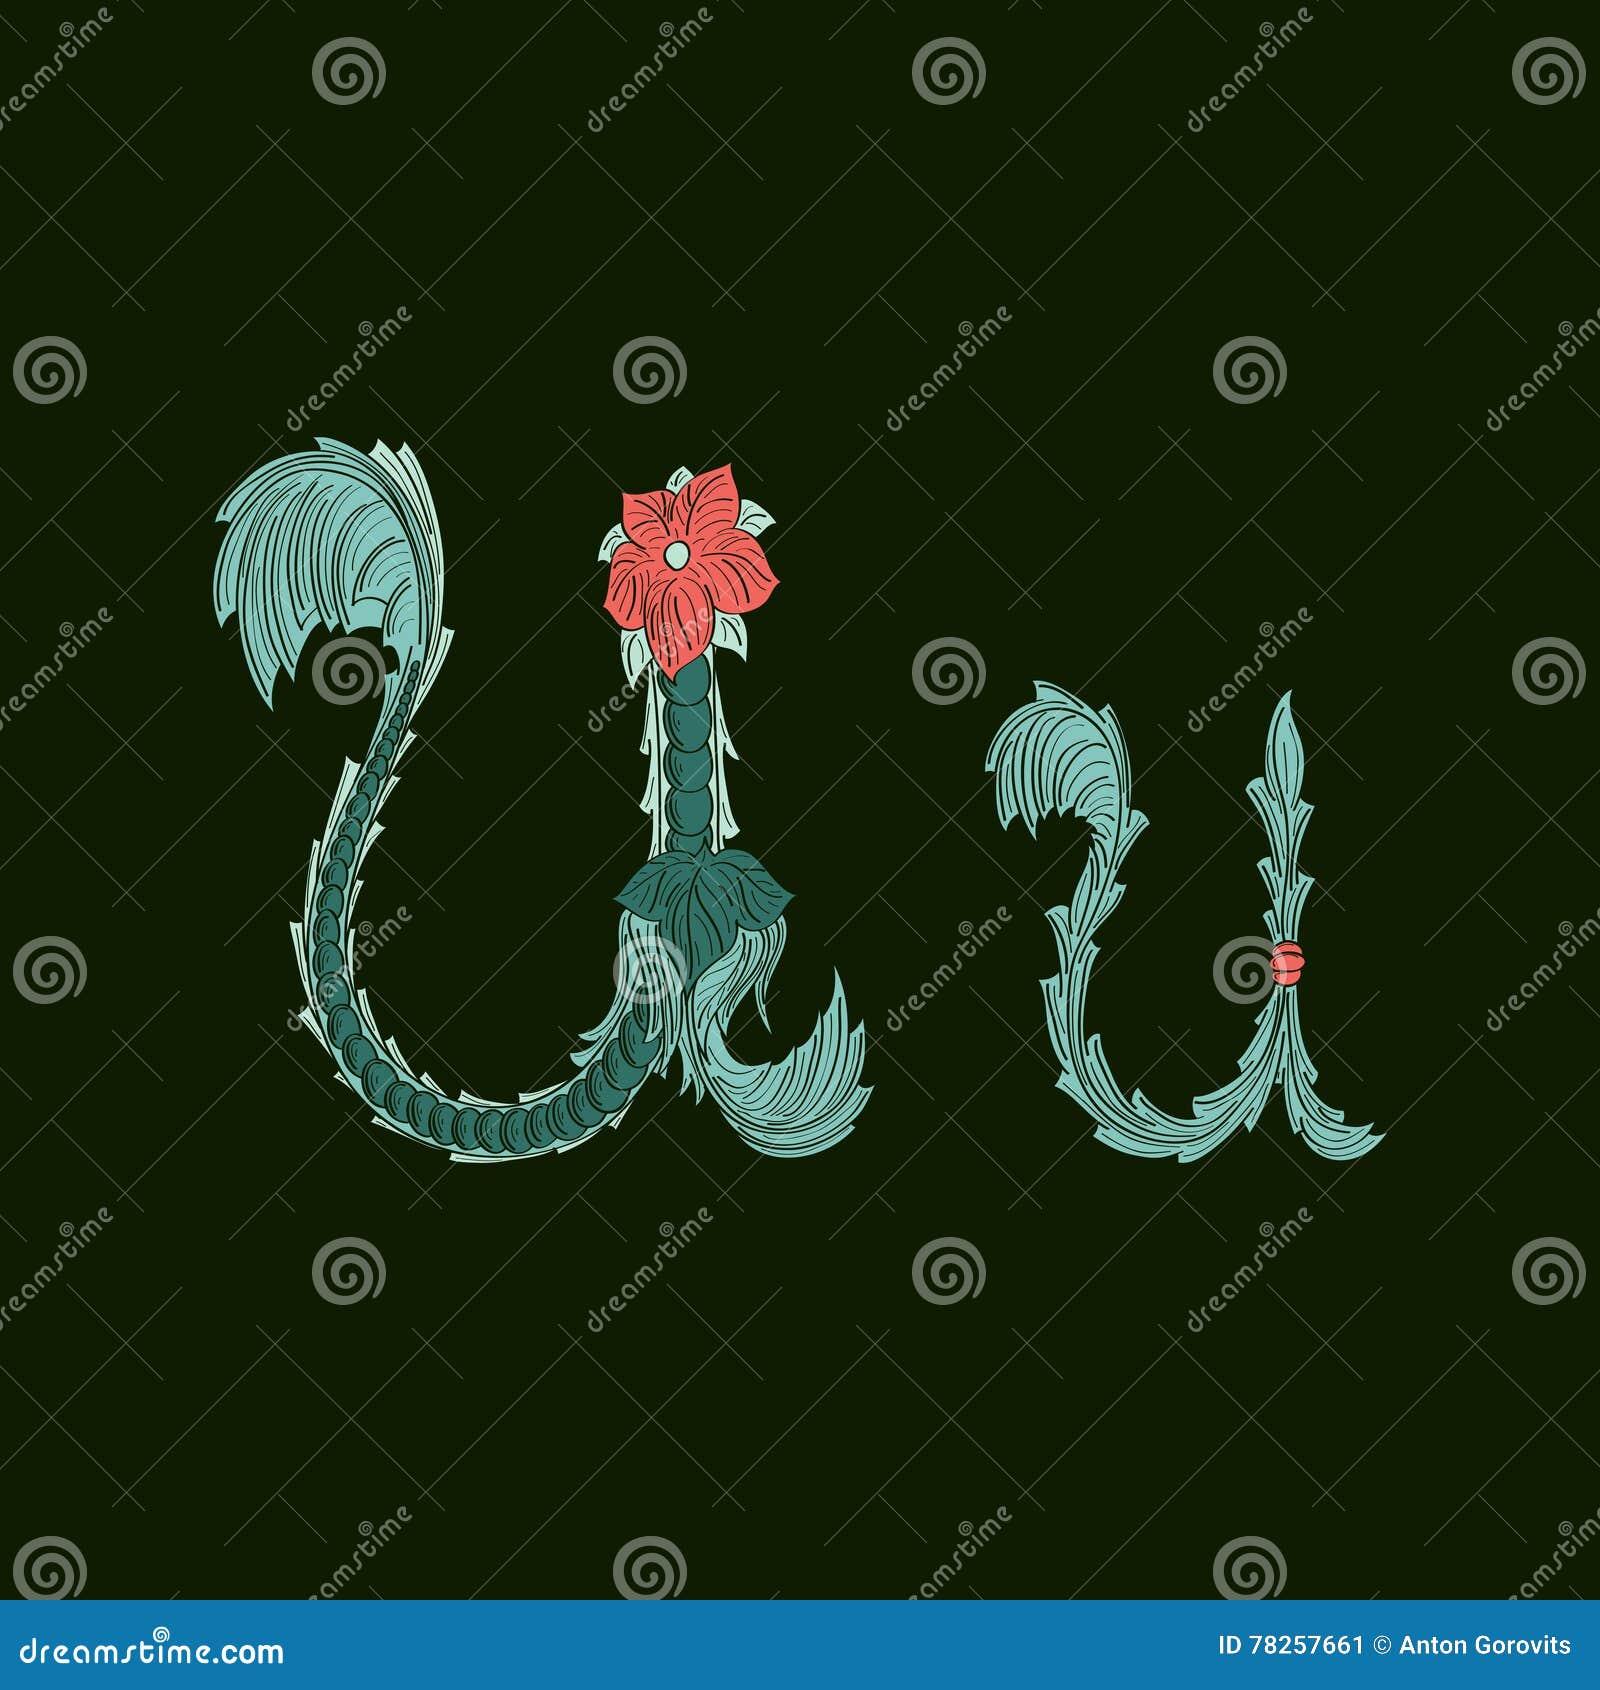 Αφηρημένο εικονίδιο λογότυπων του U επιστολών στο μπλε τροπικό ύφος